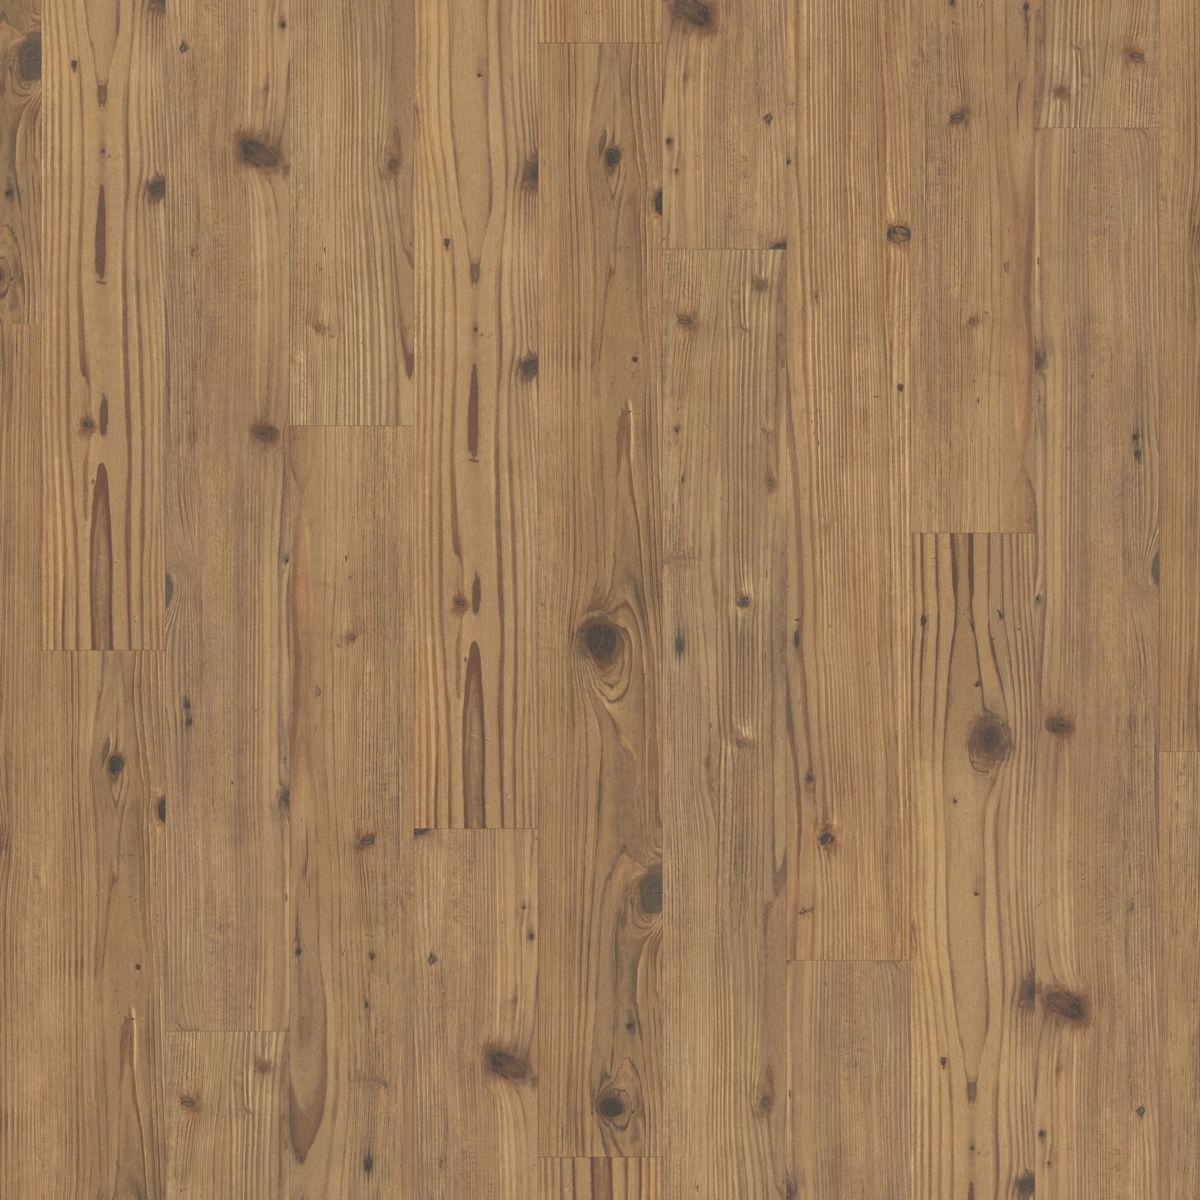 karndean knight tile pitch pine kp45 vinyl flooring. Black Bedroom Furniture Sets. Home Design Ideas